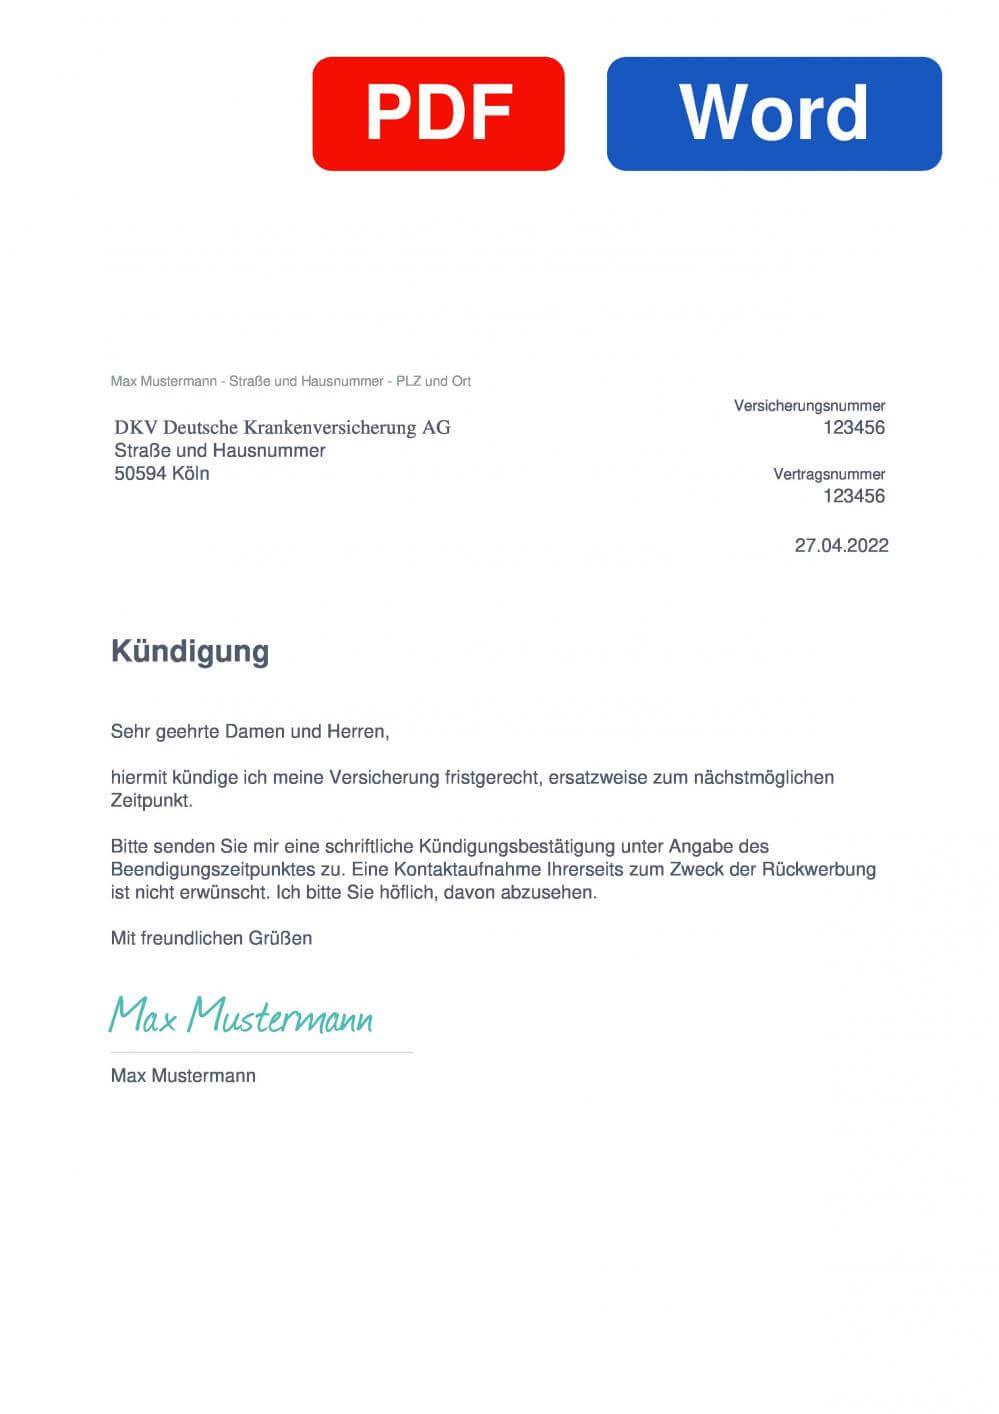 ERGO Direkt Zahnzusatzversicherung Muster Vorlage für Kündigungsschreiben